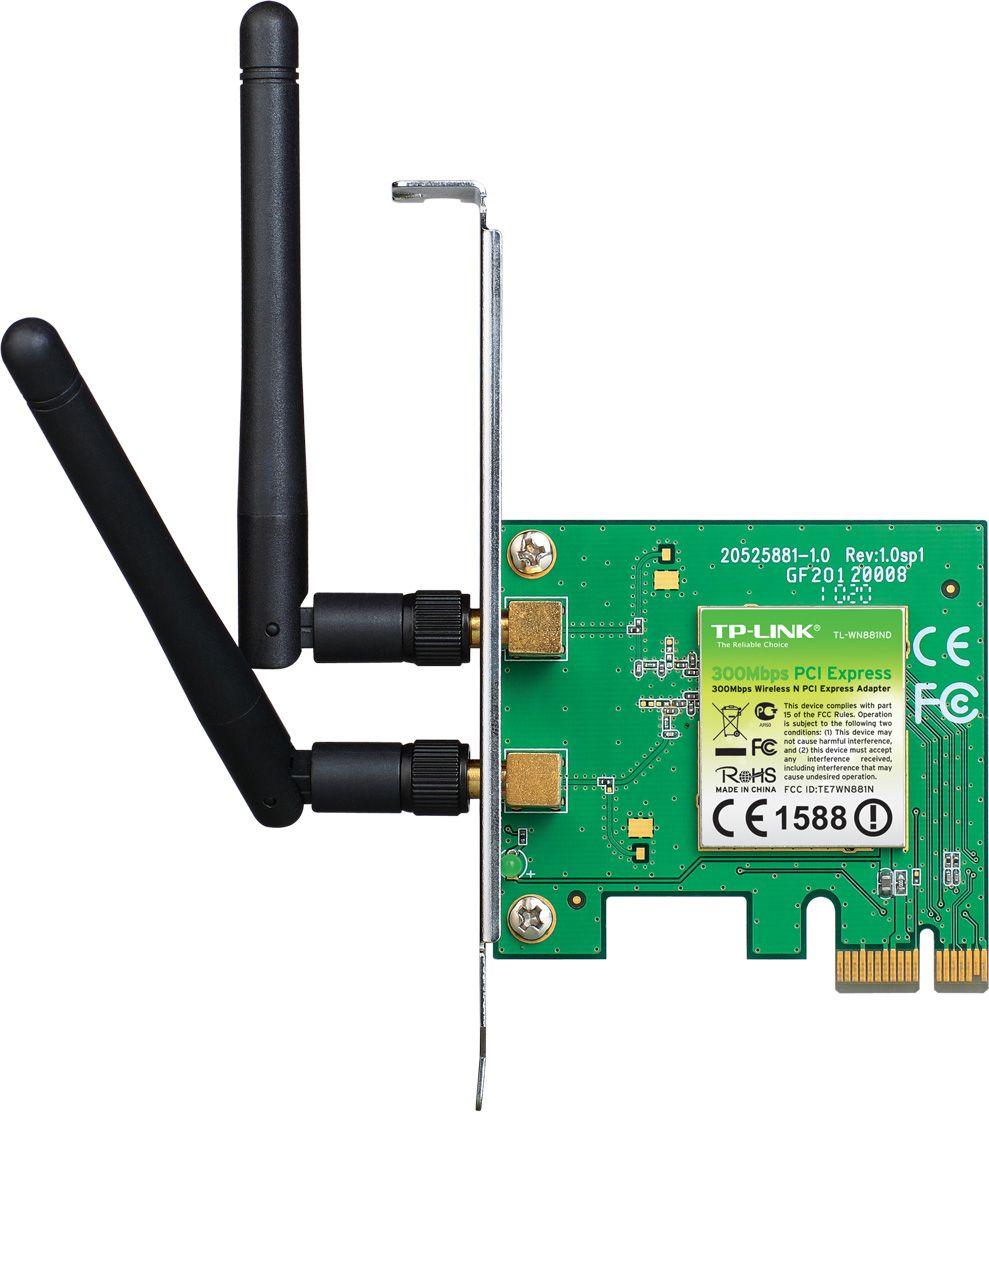 Placa de retea Tp-Link TL-WN881ND interfata calaculator: PCI-E x1 rata de tranfer pe retea: 802.11n-300Mbps